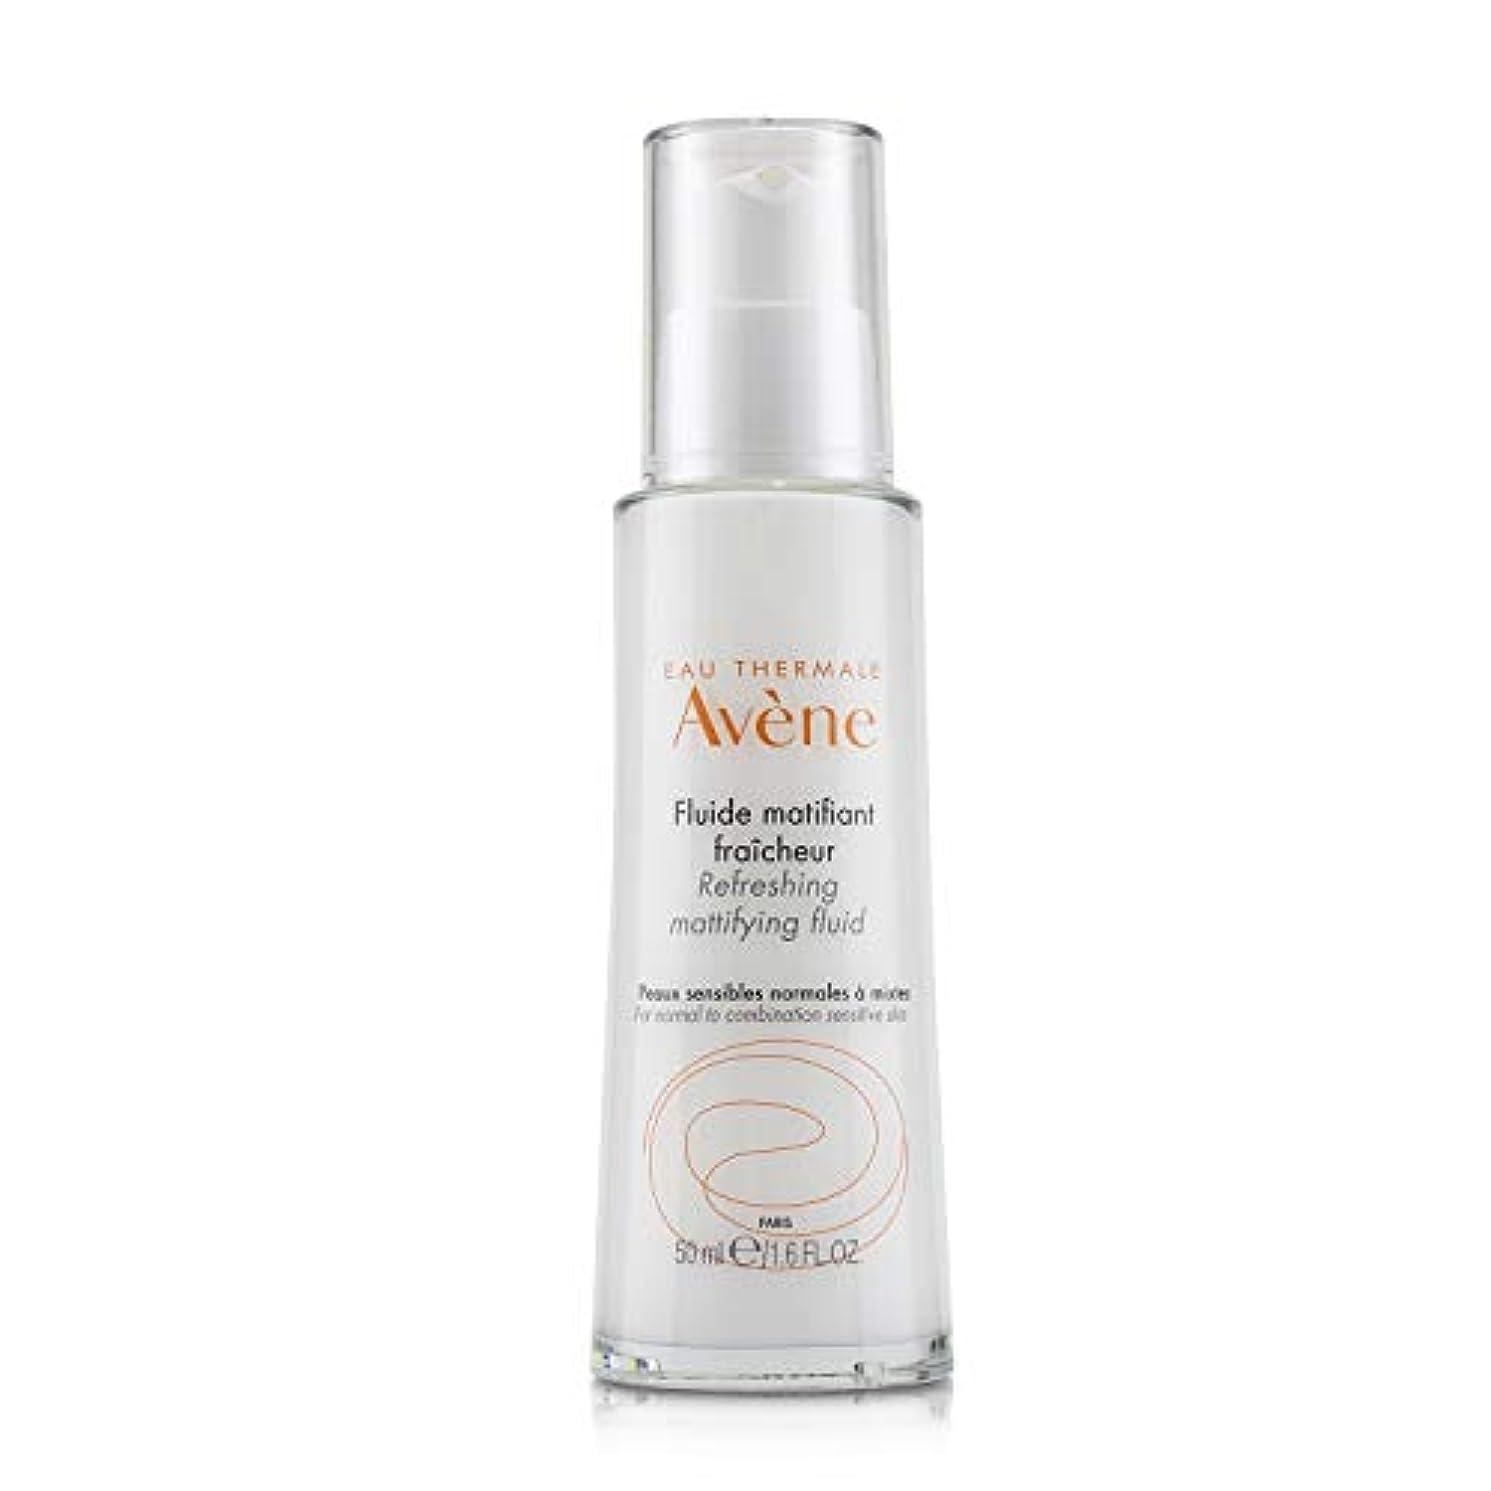 先に組立田舎者アベンヌ Refreshing Mattifying Fluid - For Normal to Combination Sensitive Skin 50ml/1.6oz並行輸入品